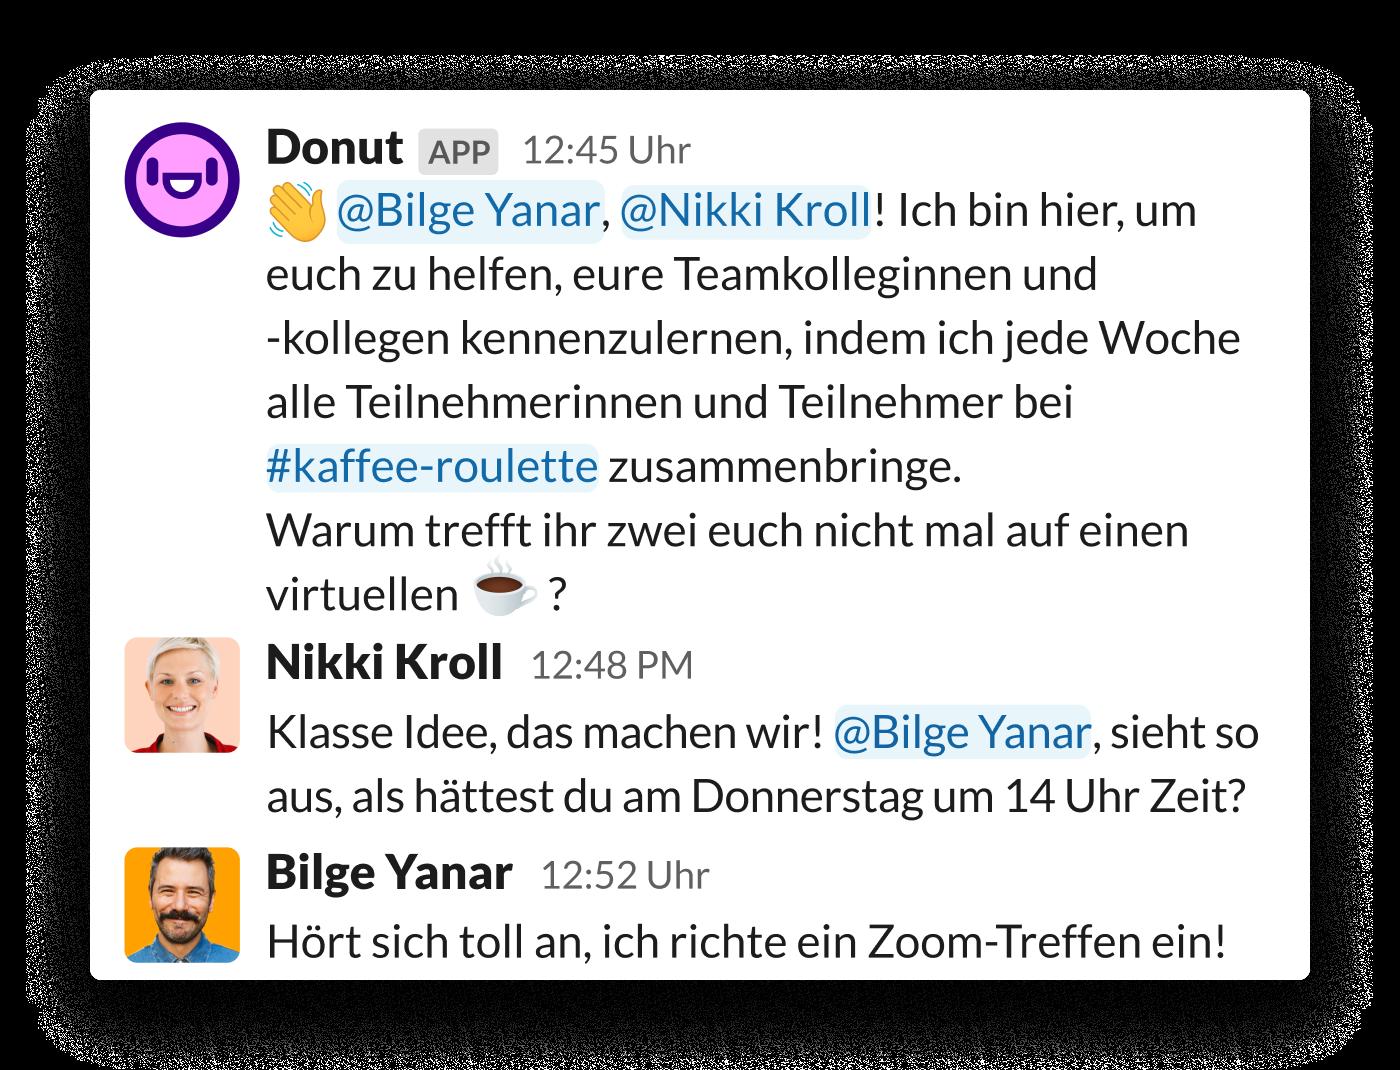 Zwei Angestellte werden über die Donut-App für Slack zu einem Treffen animiert